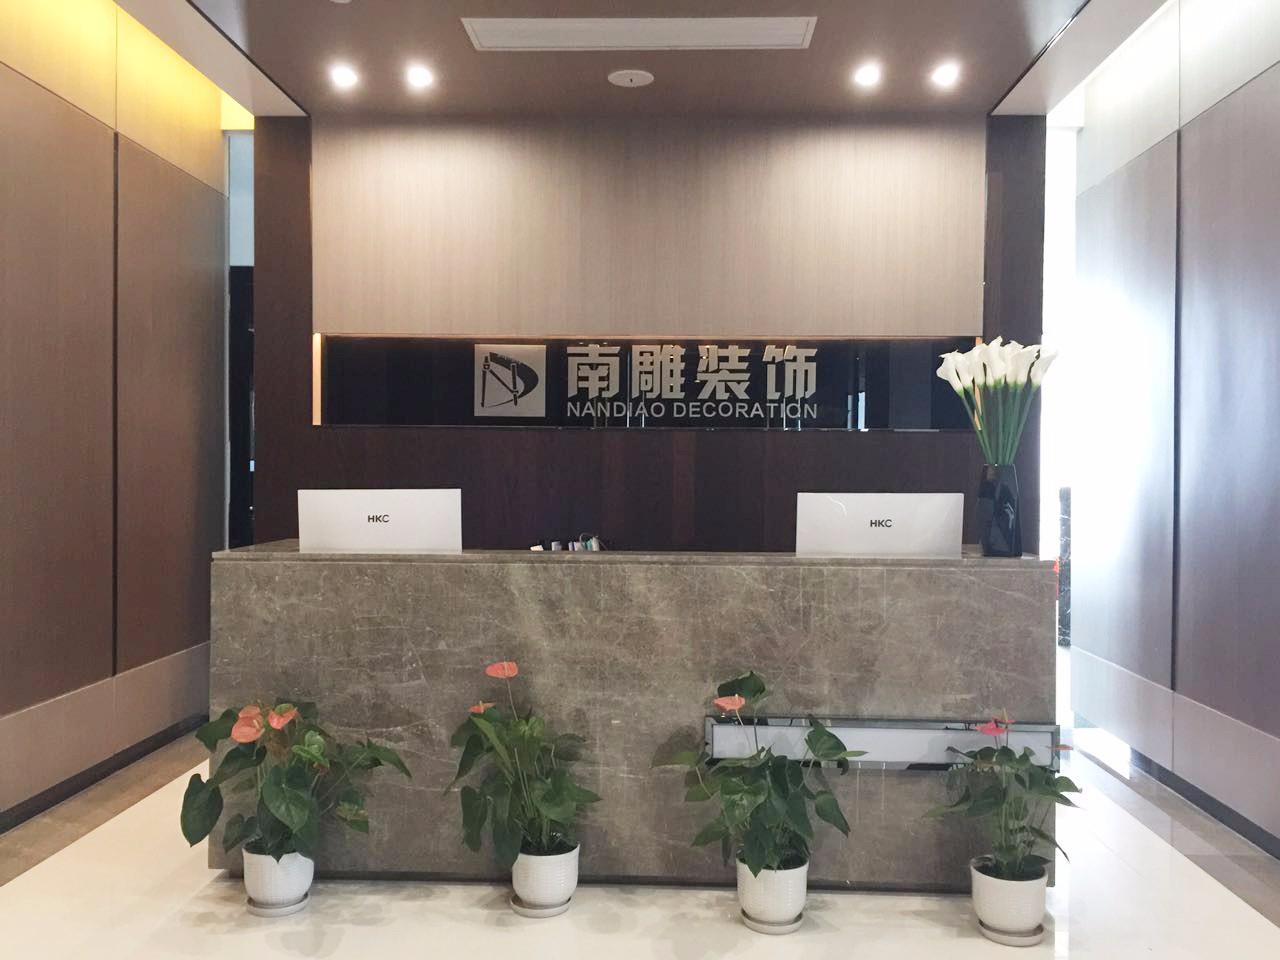 南雕装饰本着七星级服务, 以客户为尊,打造舒适, 优雅的办公环境 公司前台,高配一体机!